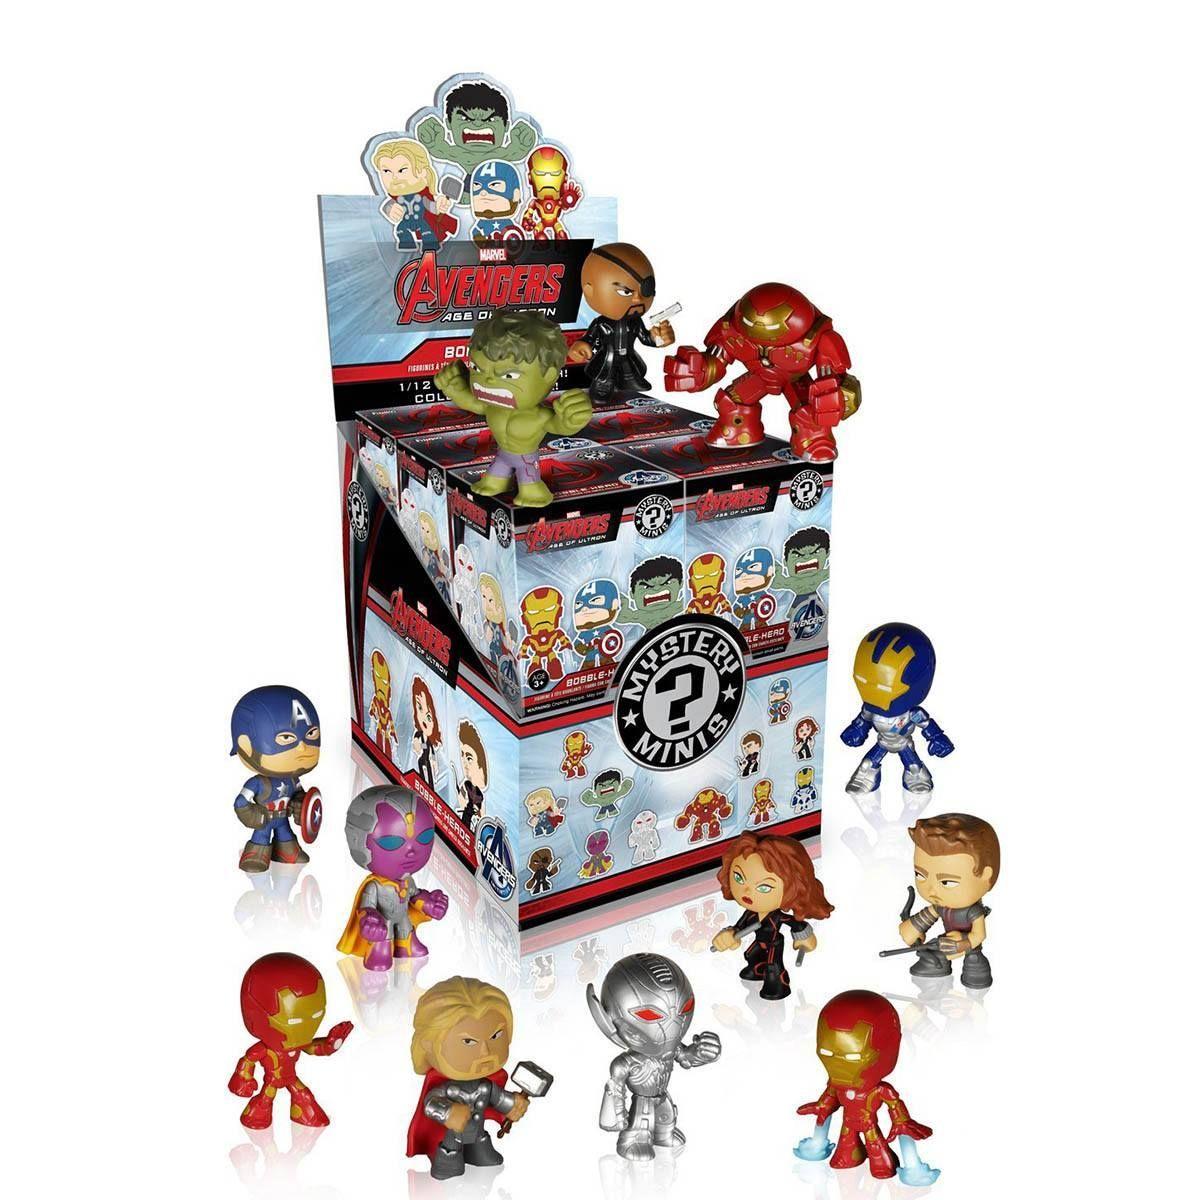 Marvel Avengers 2 Mystery Minis Vinyl Figure Radar Toys 1 Funko Mystery Minis Mystery Minis Vinyl Figures